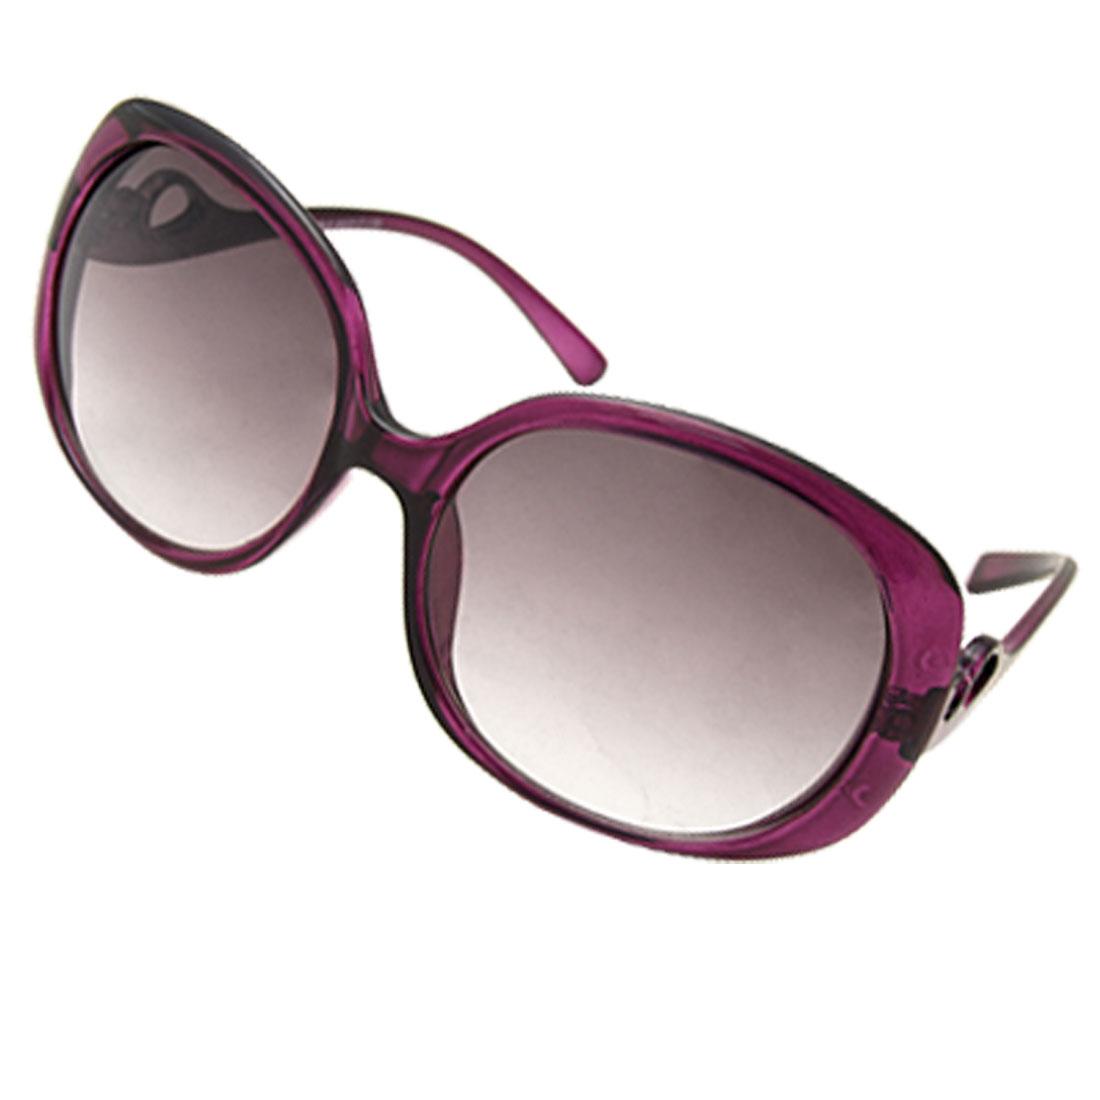 Purple Plastic Ladies' Sunglasses Eyewear